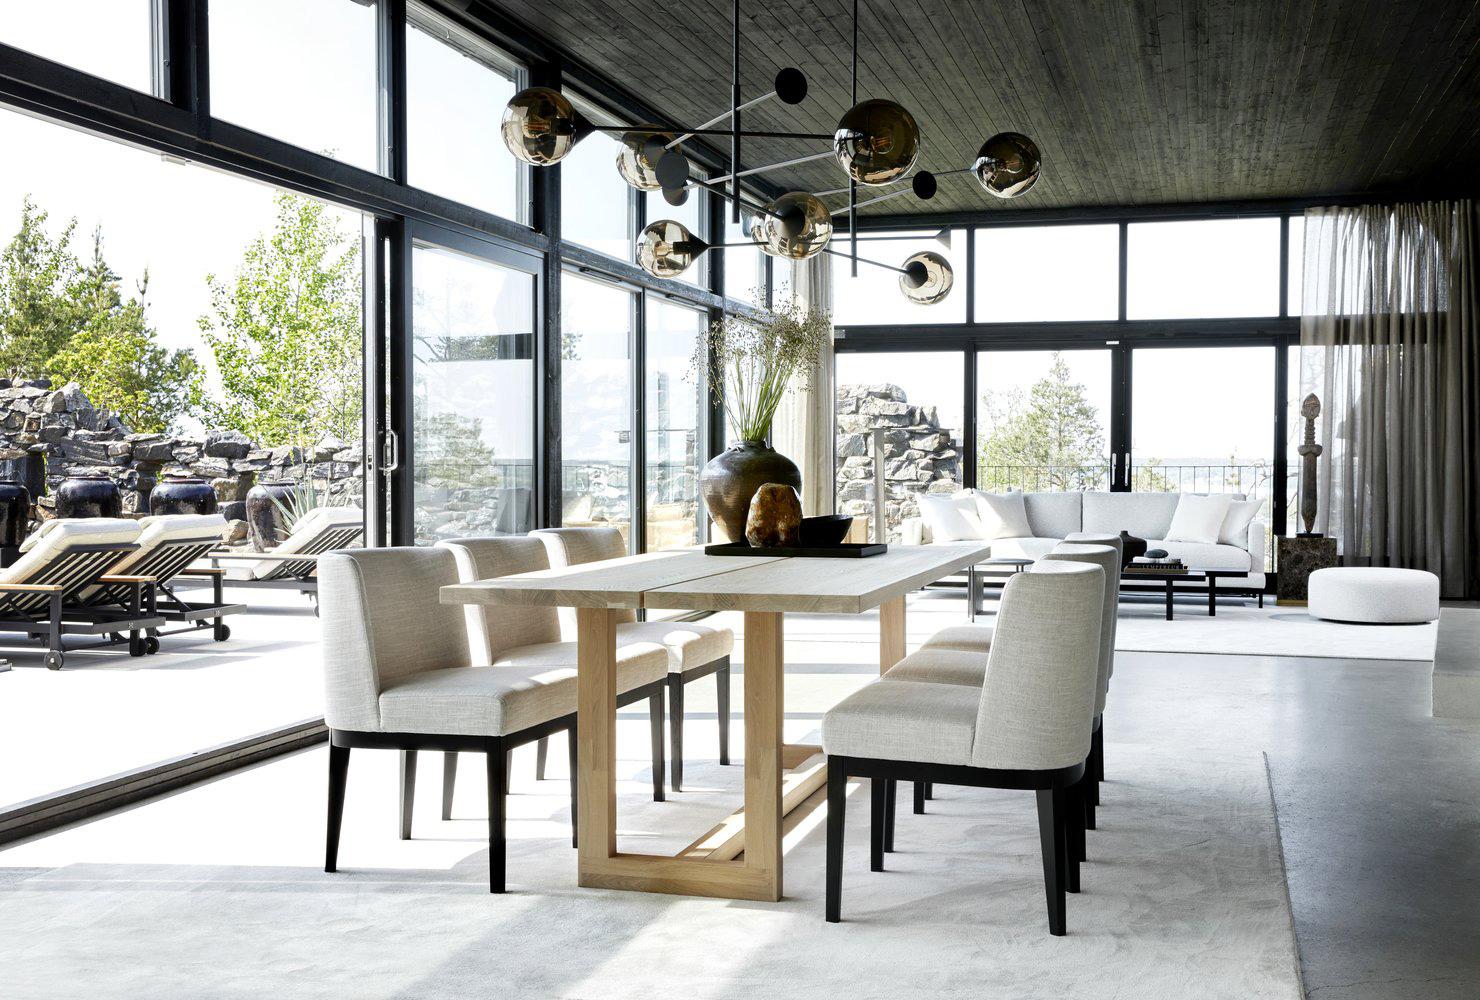 Современная вилла на скале: новый проект норвежских дизайнеров Slettvoll